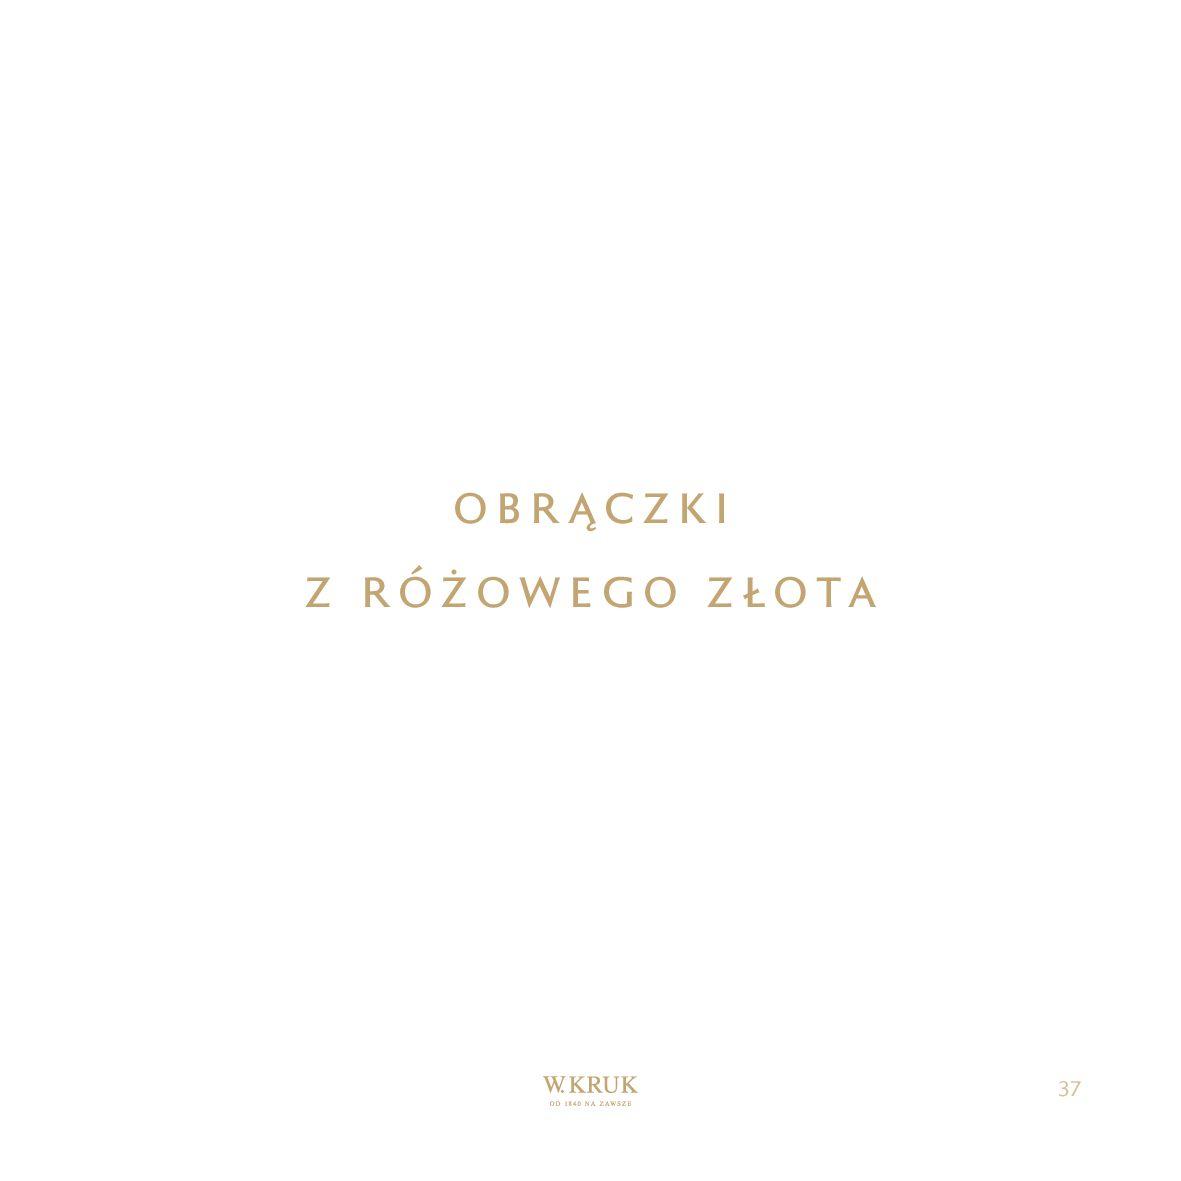 Gazetka W. KRUK: Katalog - Obrączki 2021-02-17 page-39